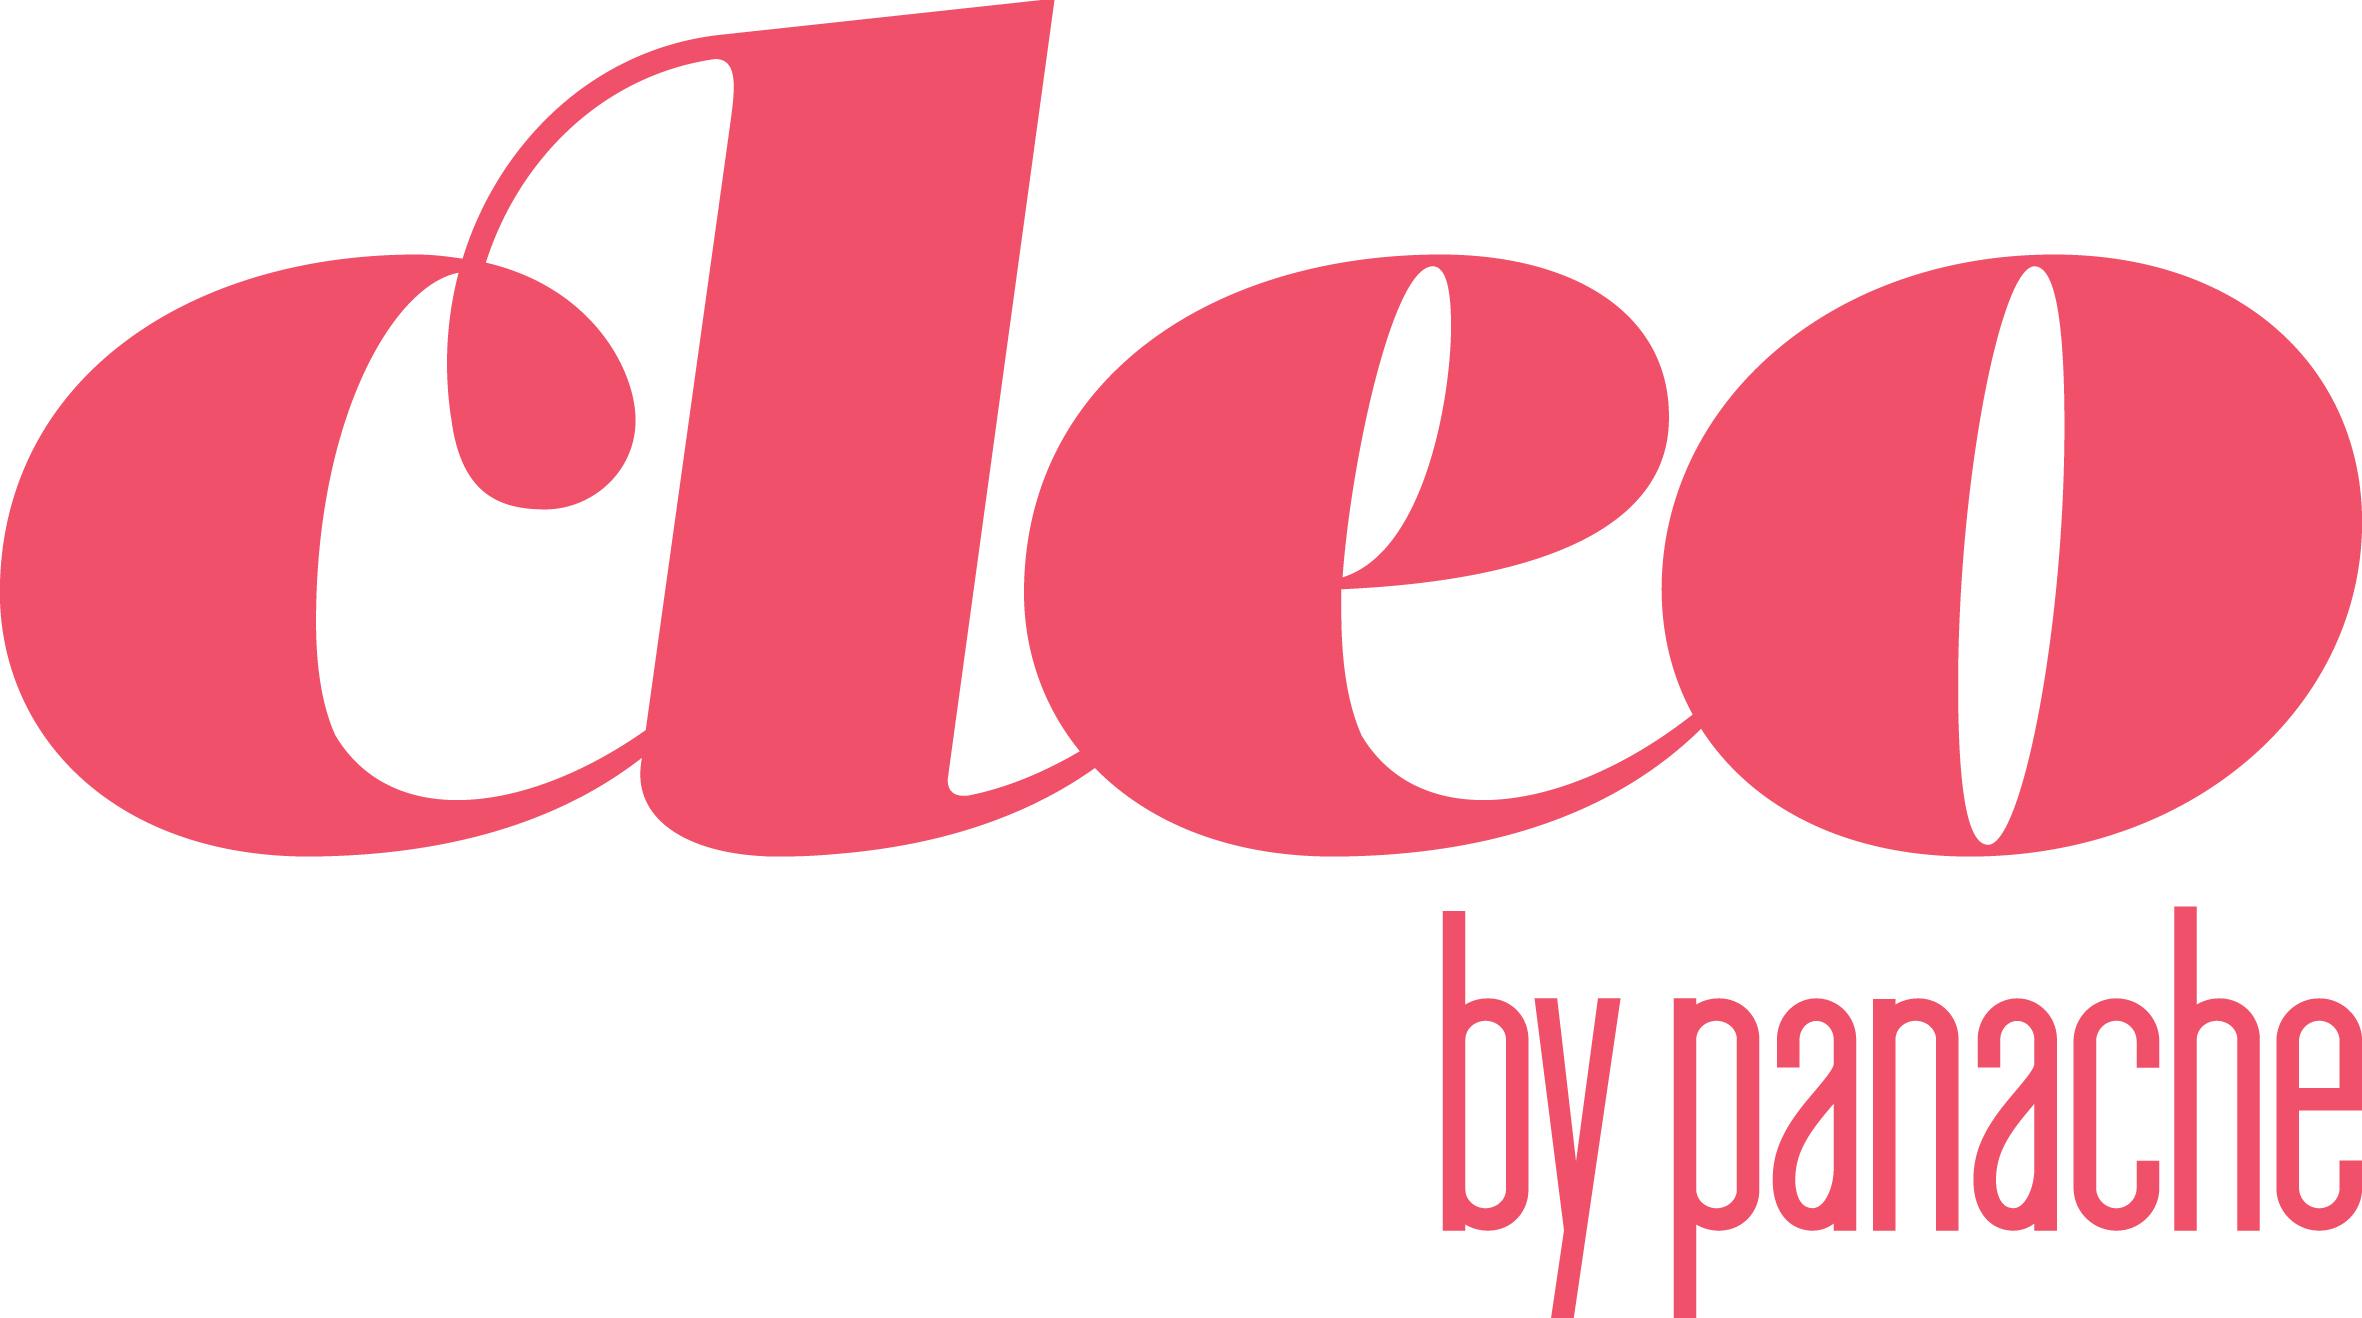 cleo-rgb.jpg